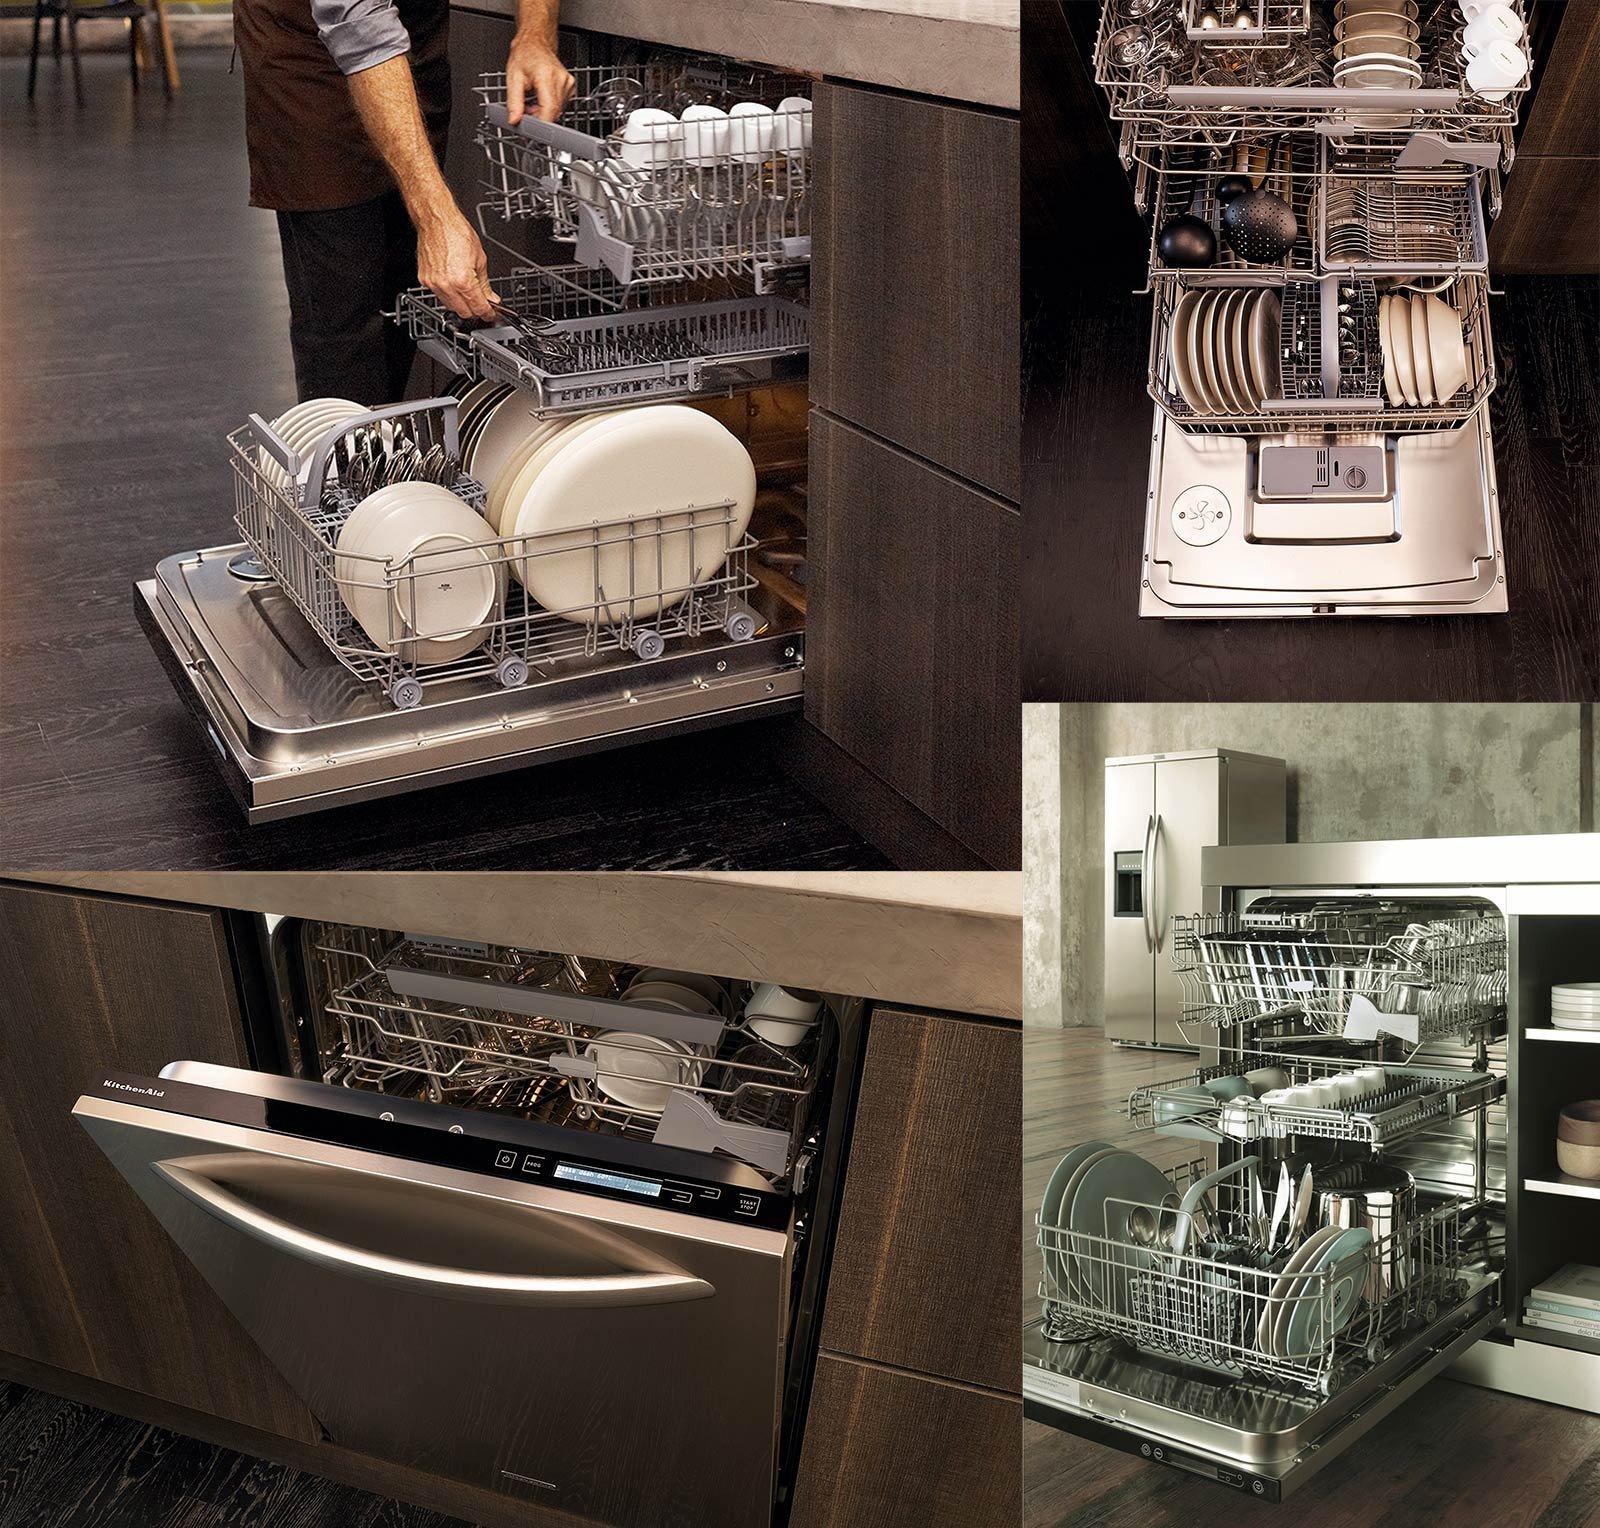 Lavastoviglie 17 coperti ma di misura standard cose di casa for Pentole kitchenaid